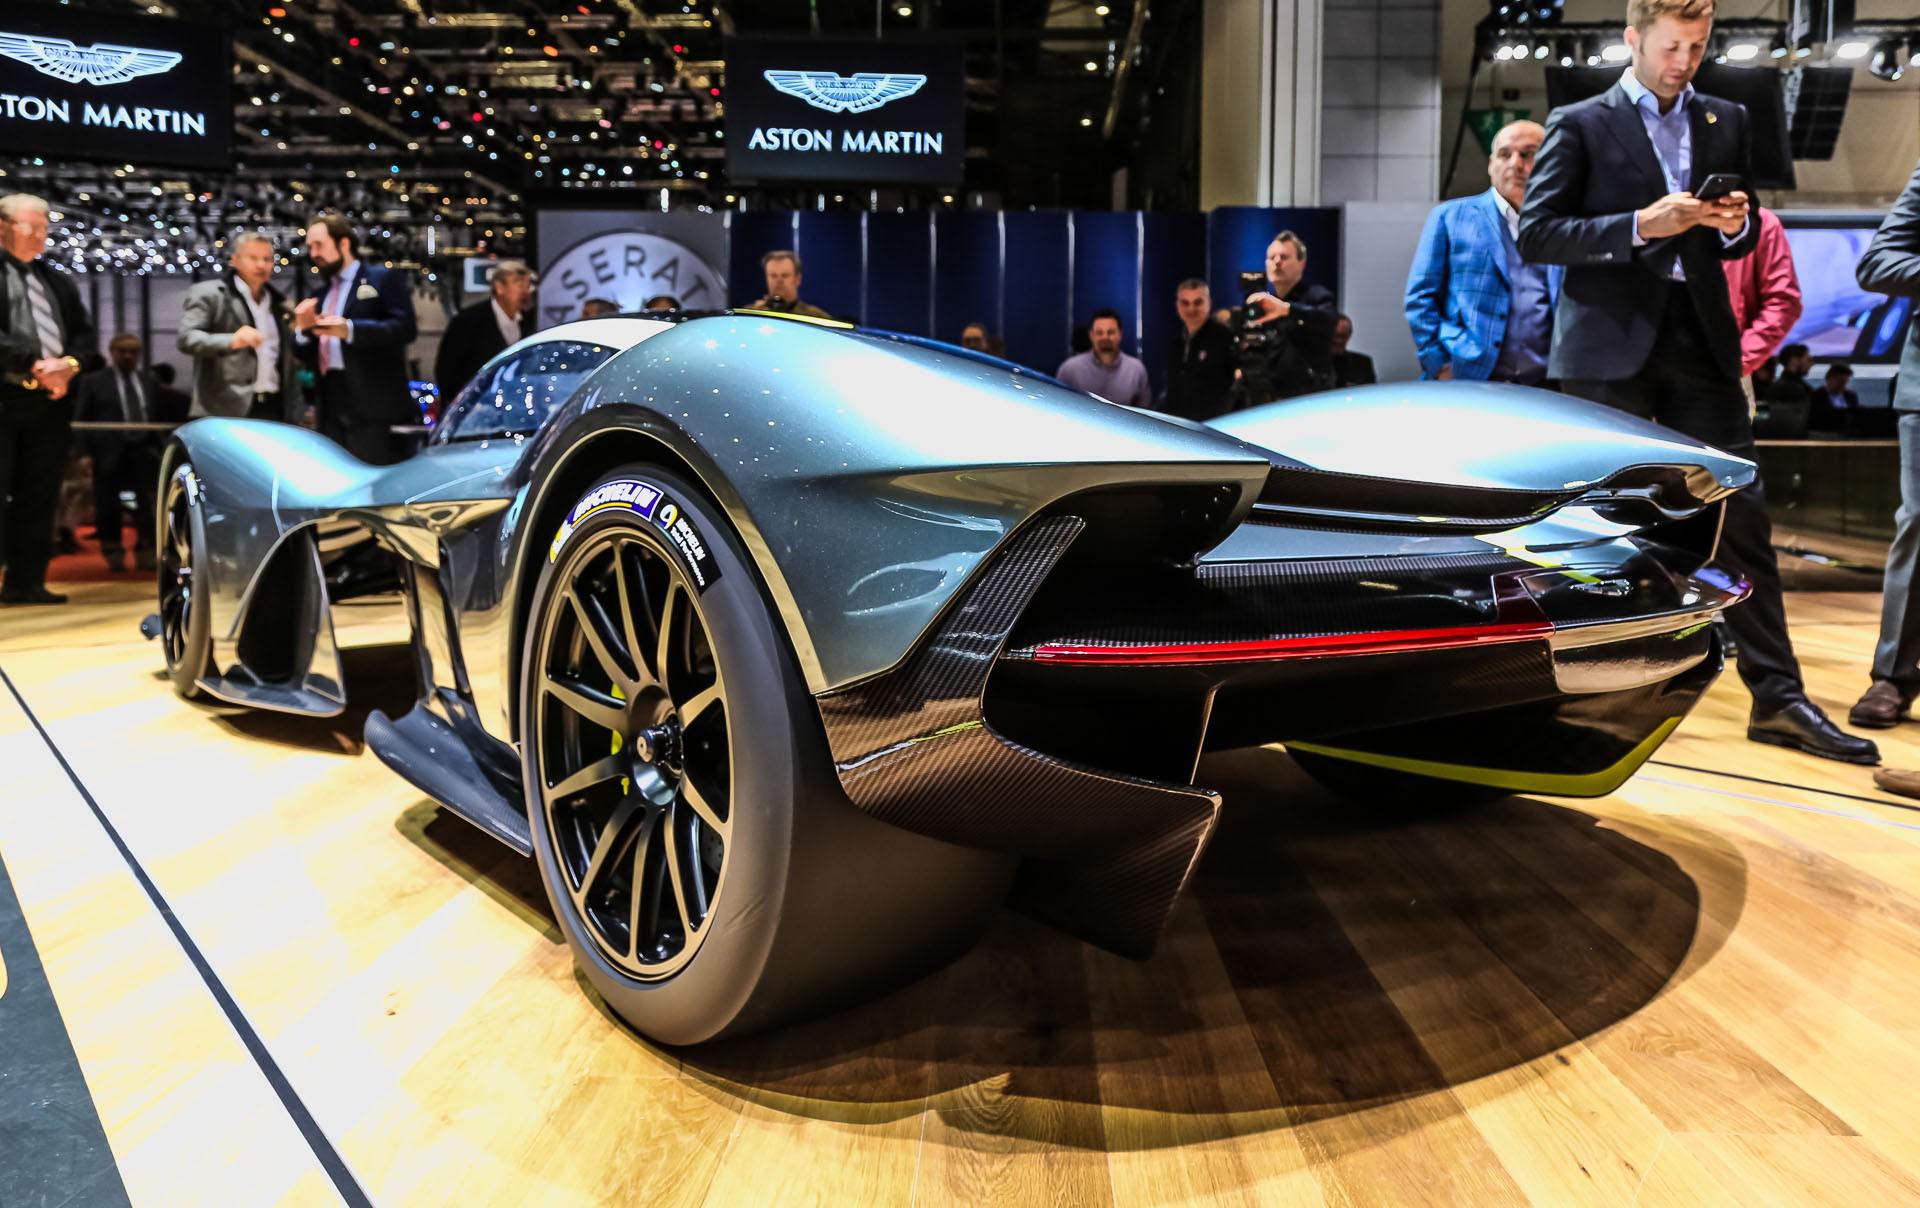 В последние недели Aston Martin Valkyrie был продемонстрирован клиентам Aston Martin на эксклюзивных мероприятиях по всему миру.